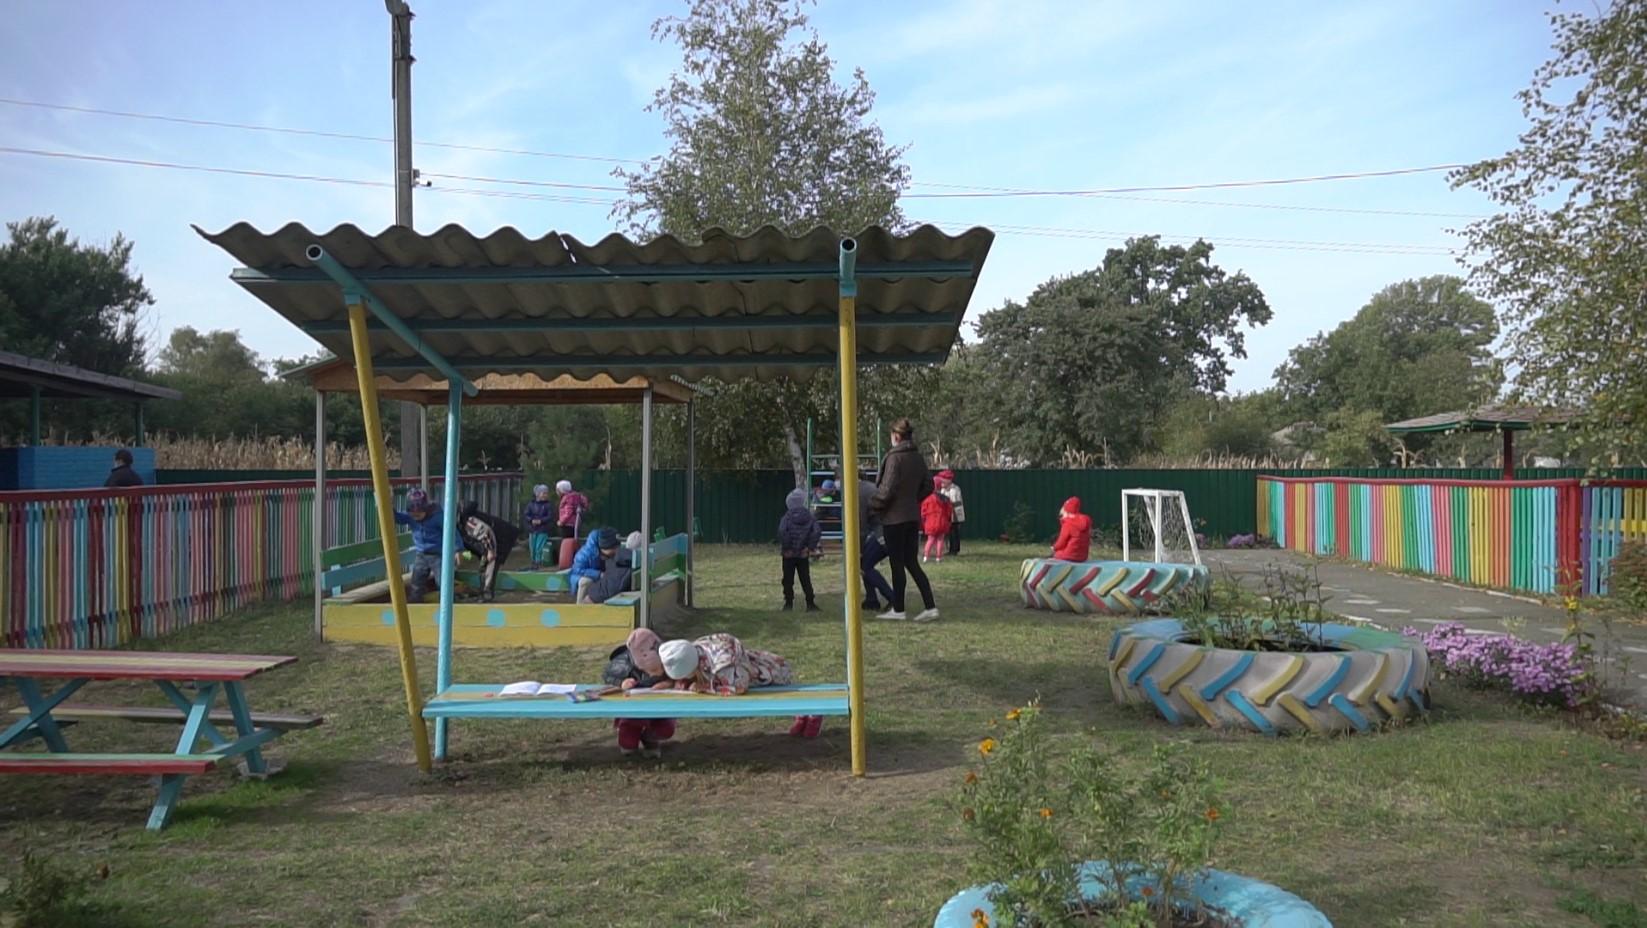 «Клас під відкритим небом» у Мачухівській громаді створили у межах конкурсу «Громада своїми руками»